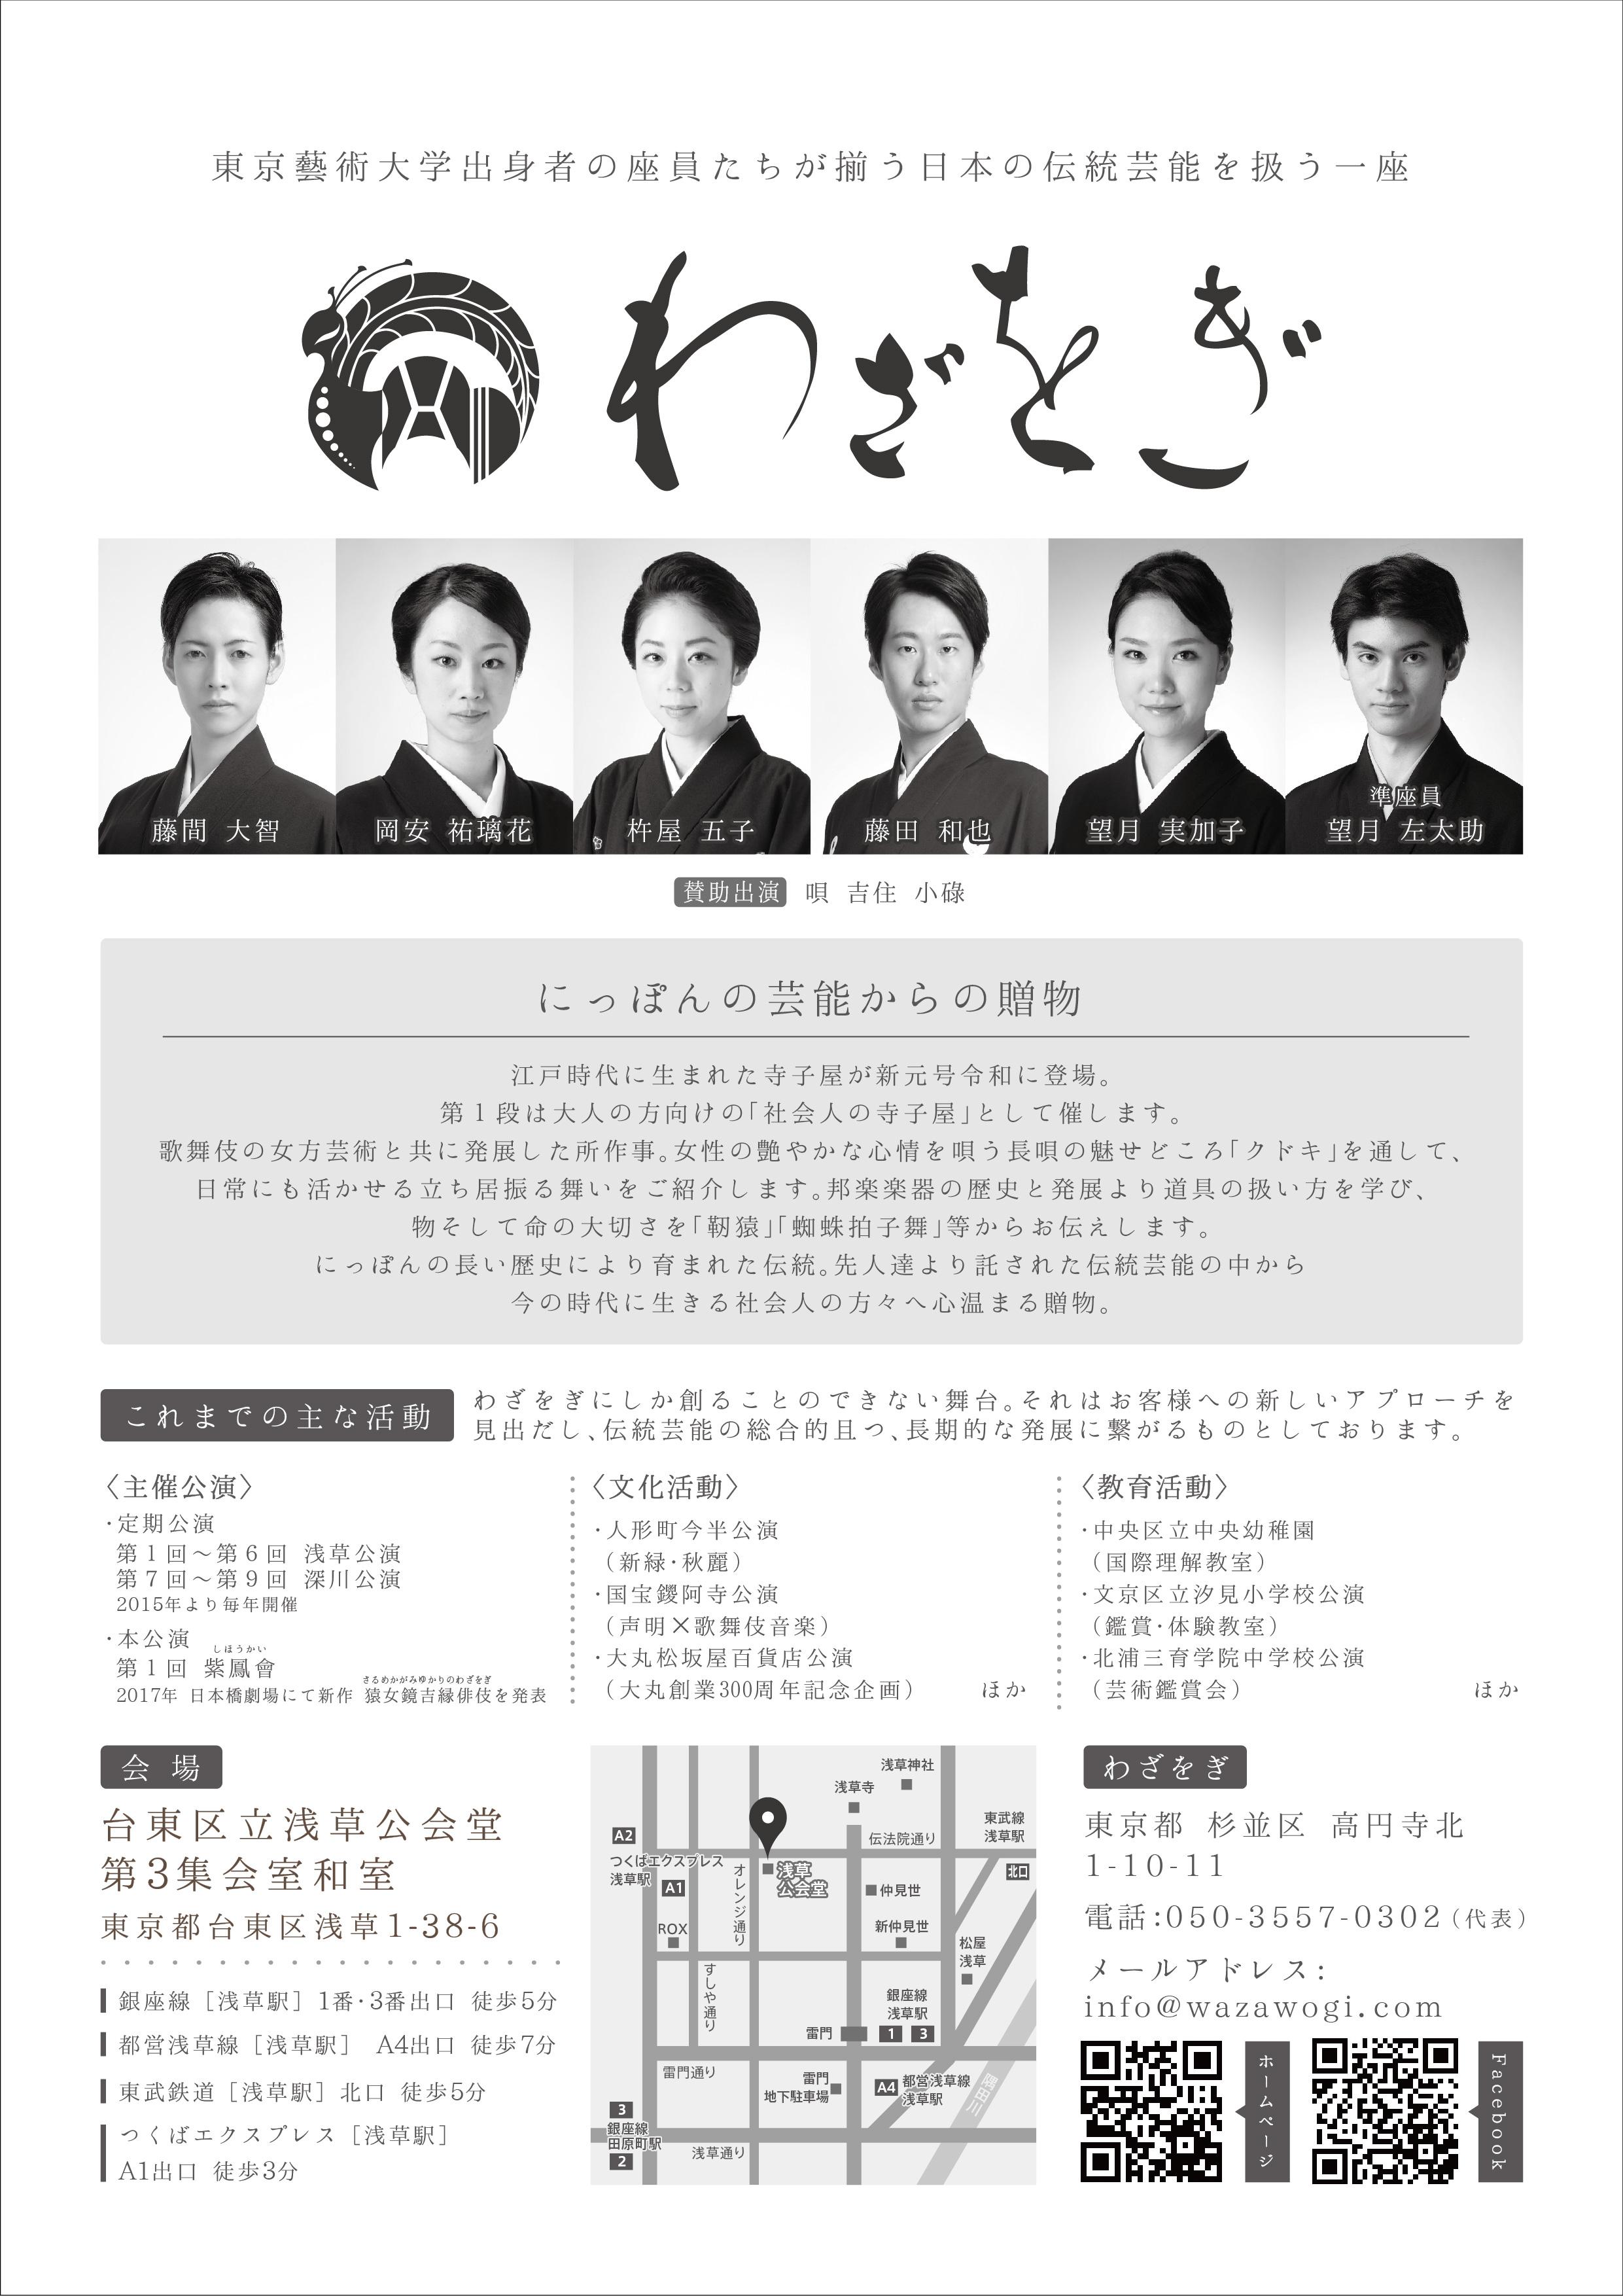 0518_2_wazawogi_flyer7_2019_両面-02